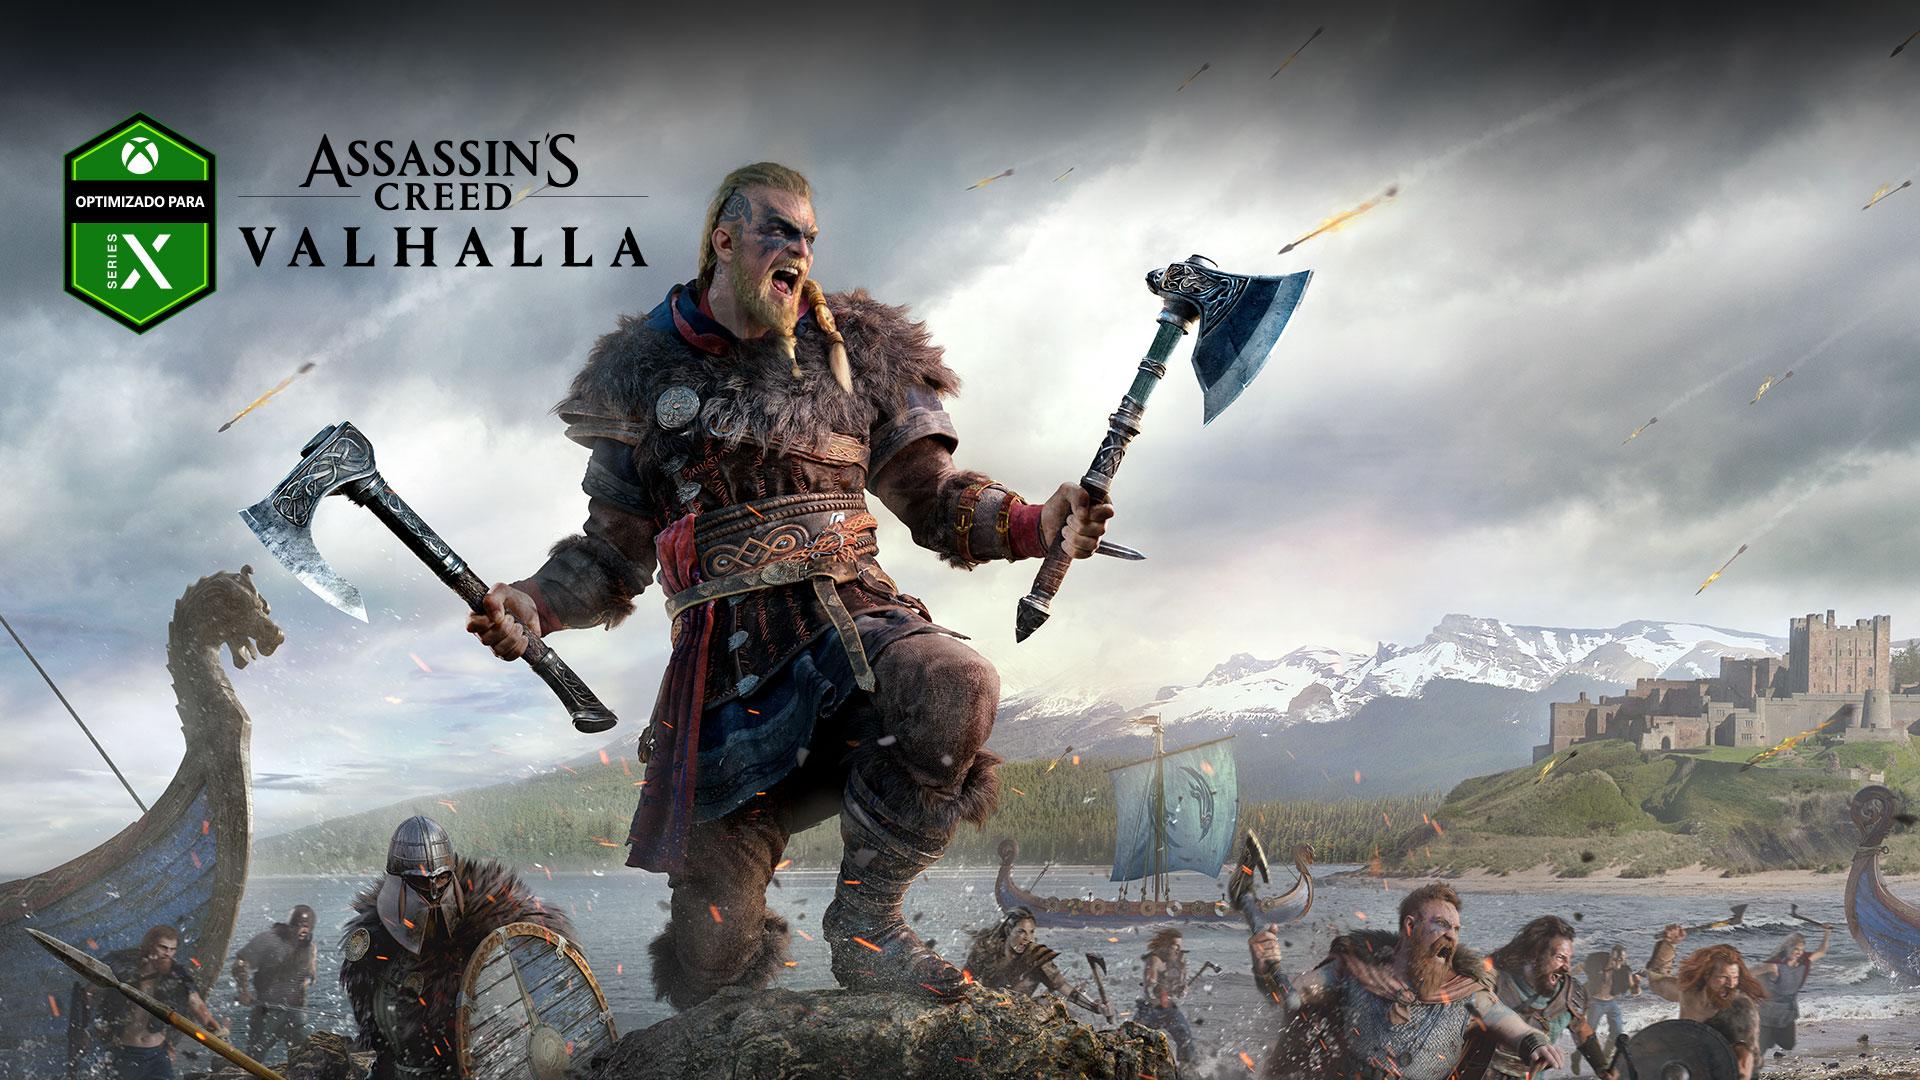 Logotipo Otimizado para Xbox Series X, Assassin's Creed Valhalla, personagem com dois machados durante uma batalha